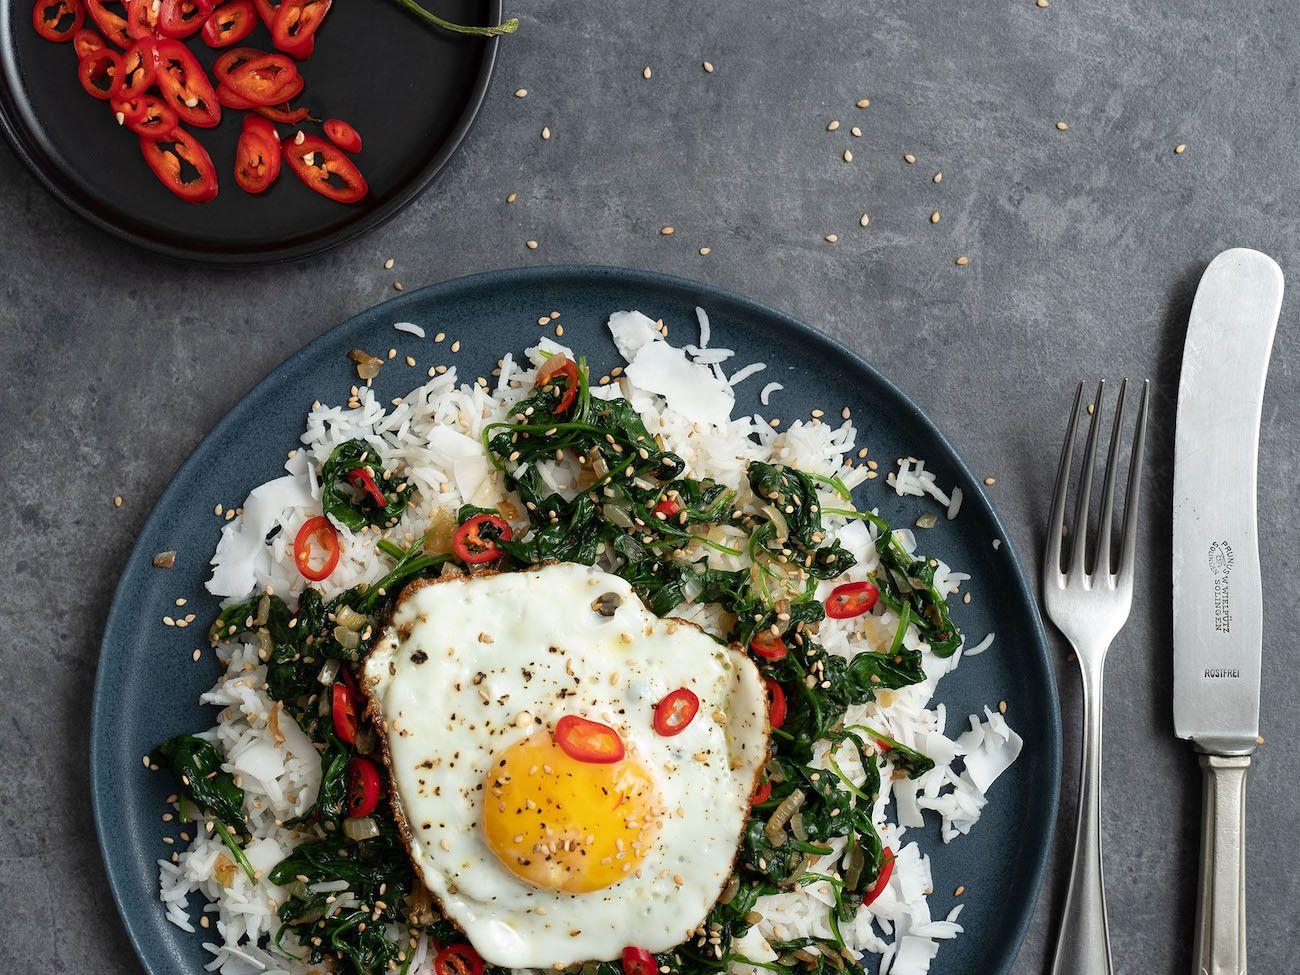 Foodblog About Fuel, Rezept Kokosreis mit Sesam-Spinat und Spigelei, Besteck